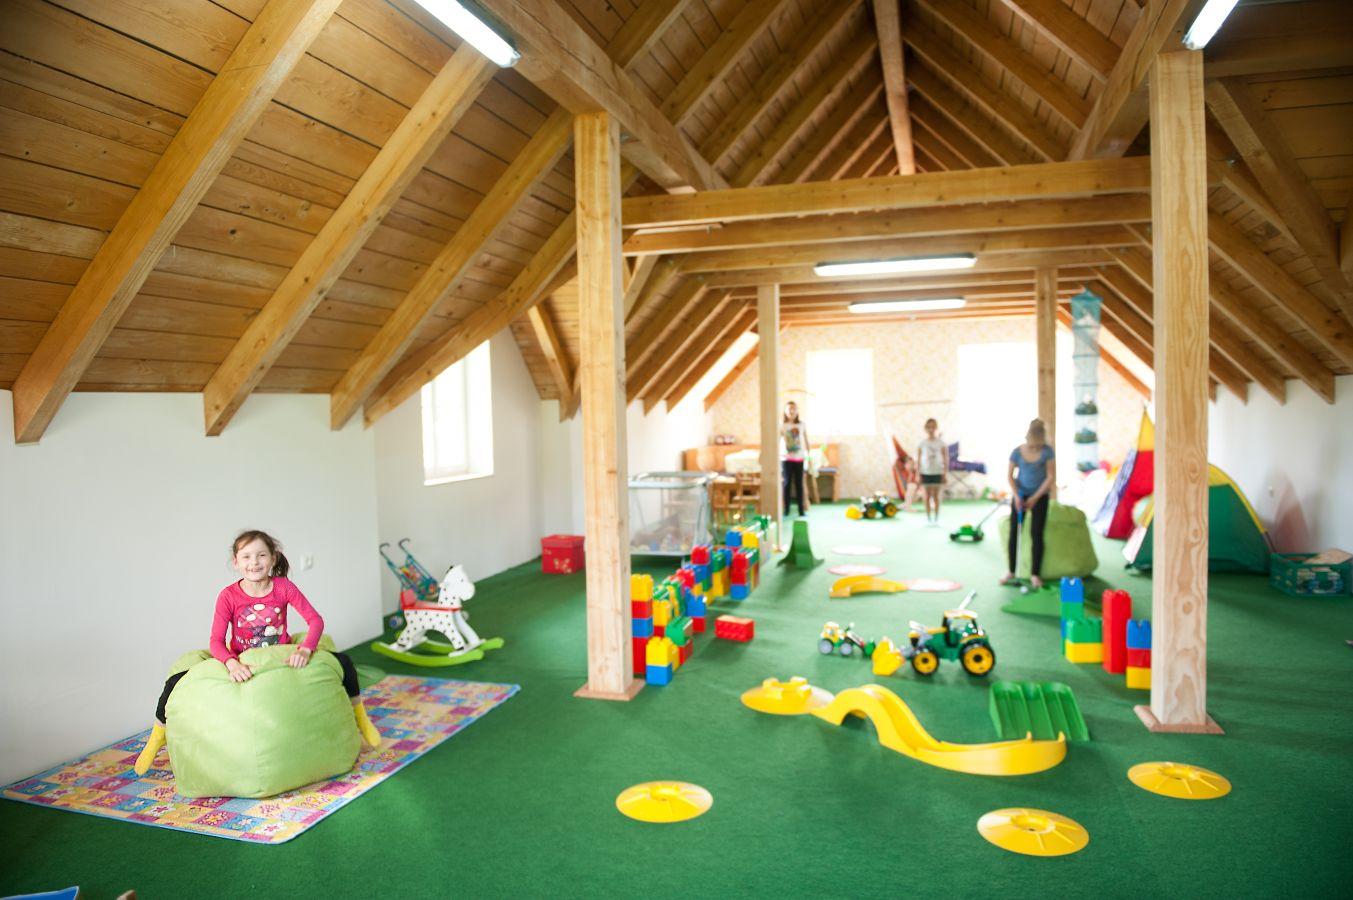 Ausreichend Spielräume für Kinder